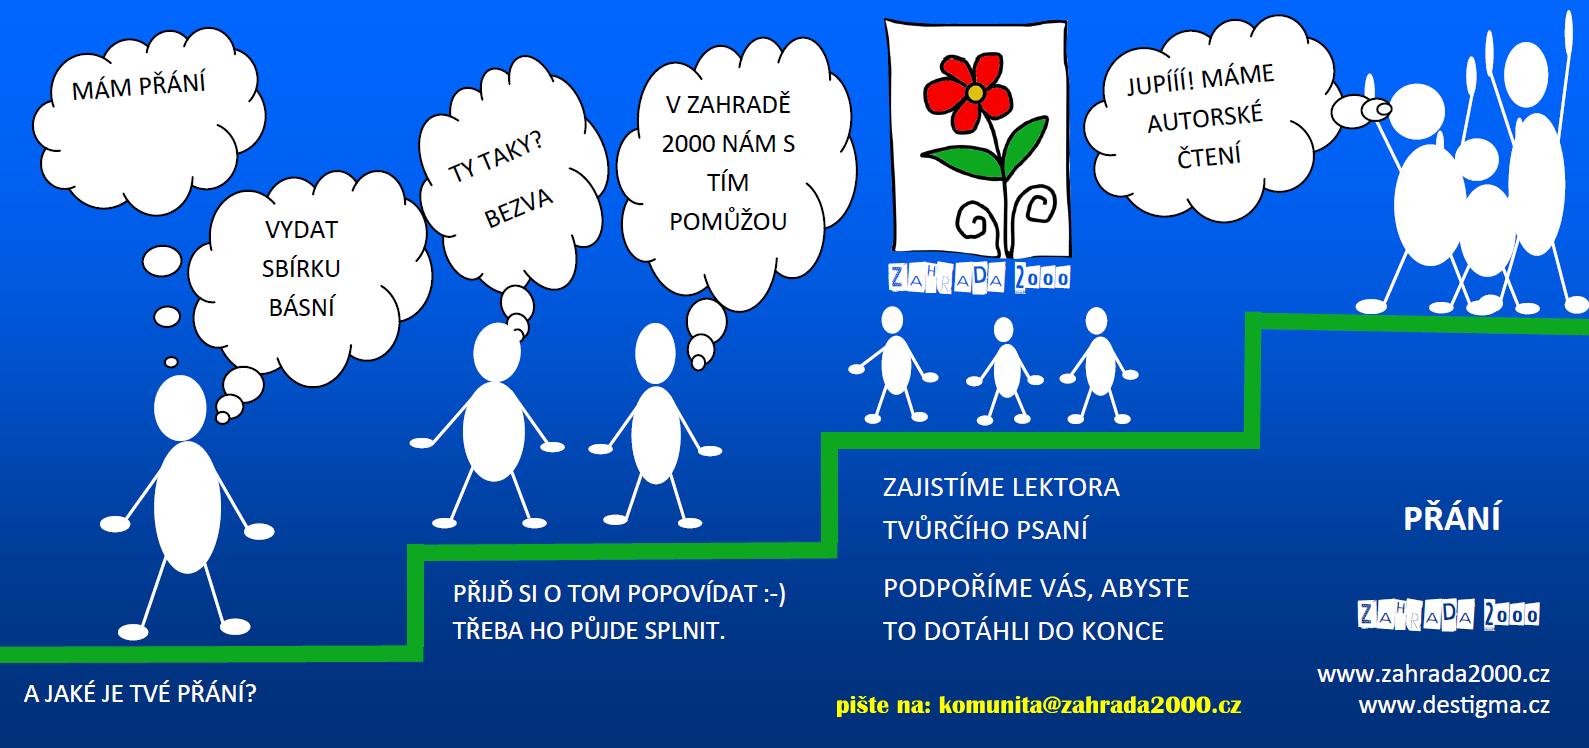 leták_kom